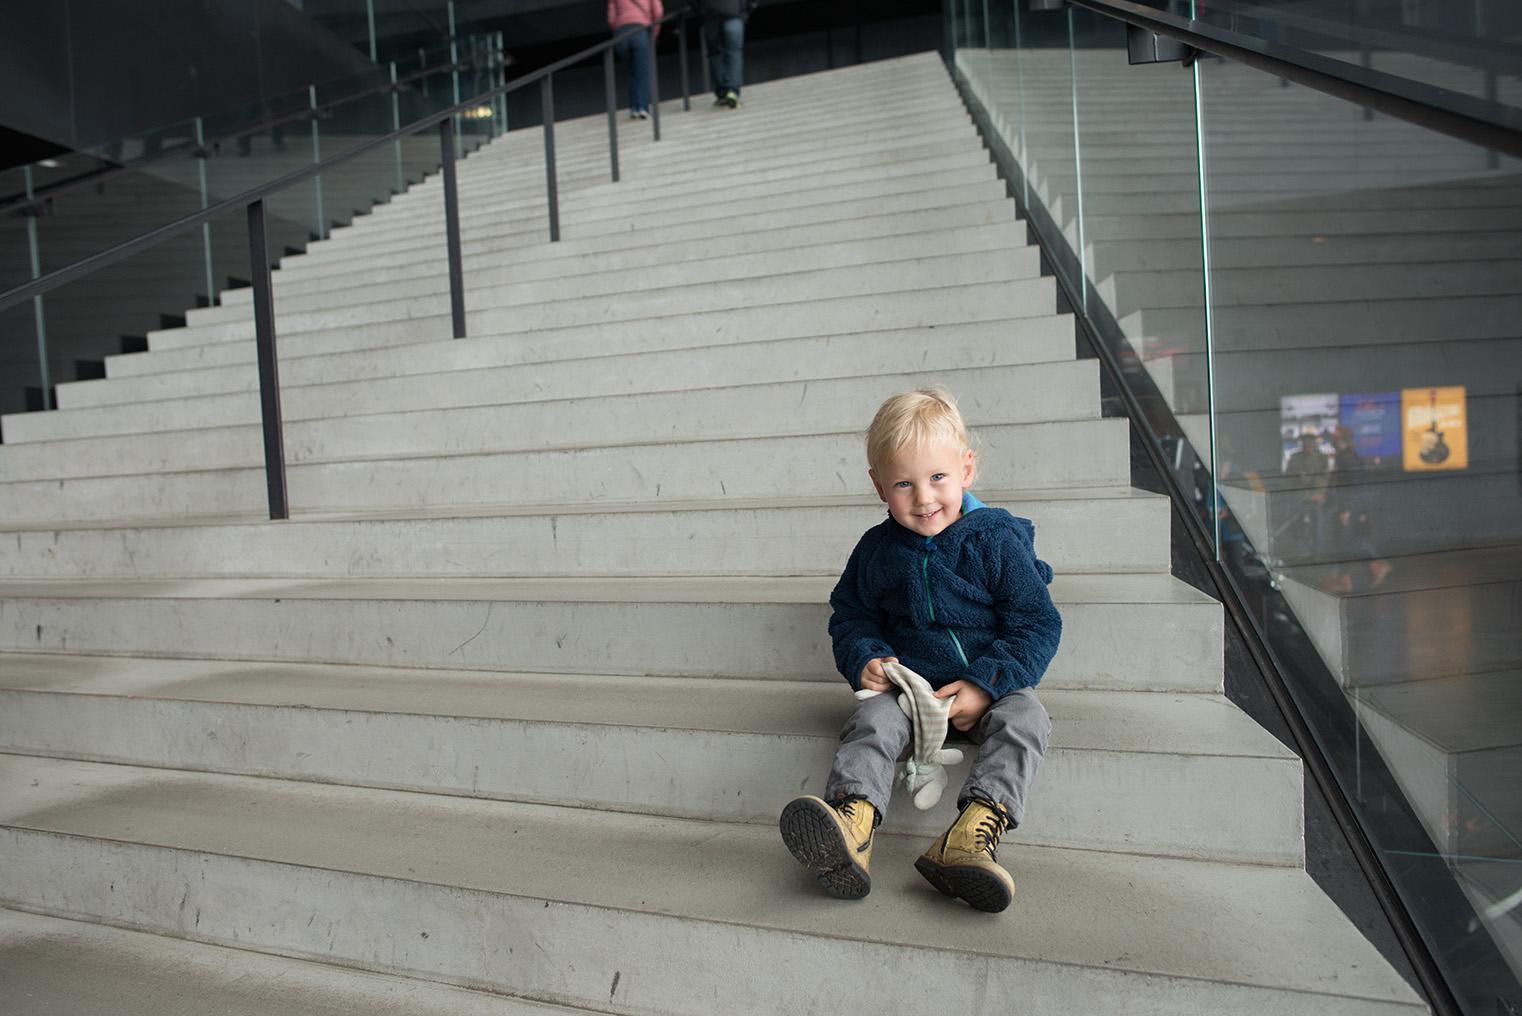 02B.Opera HARPA -Reykjavik - Islandia - podroz z dzieciem.